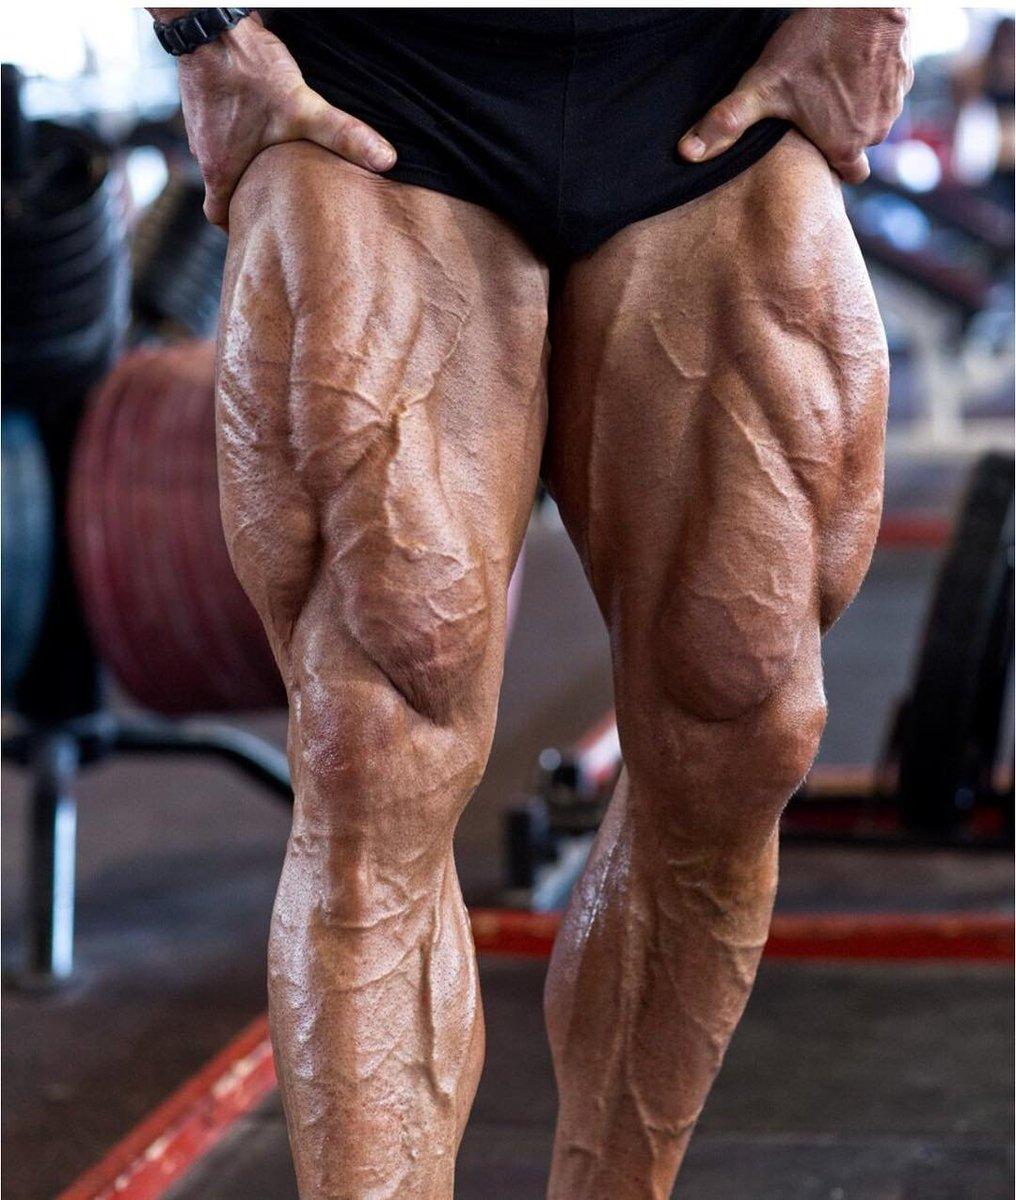 она картинки с мощными ногами культуристов будь ним